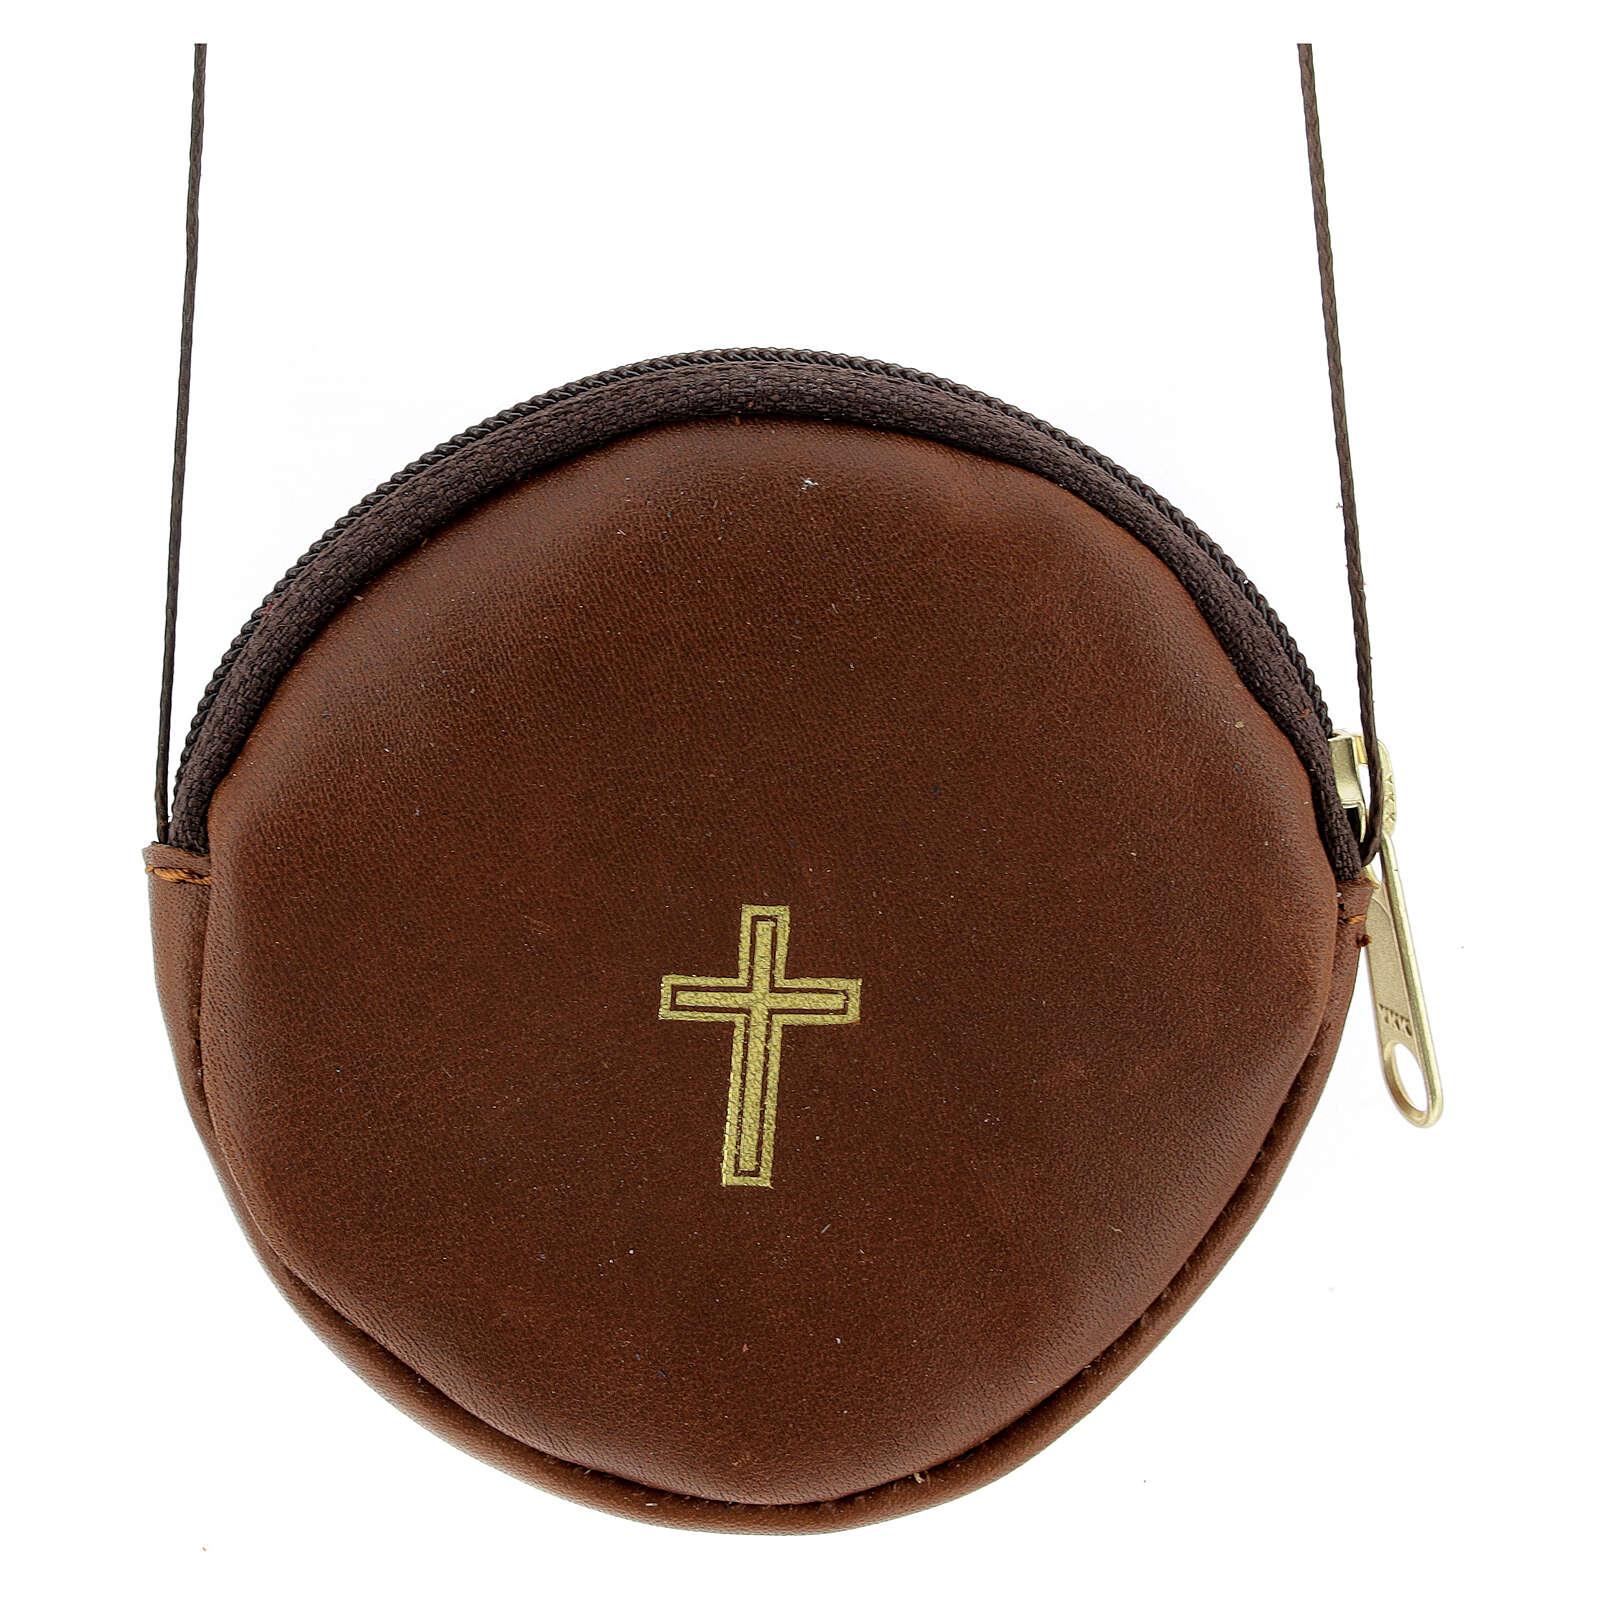 Étui pour custode à hosties rond cuir marron véritable 8 cm avec cordon 3